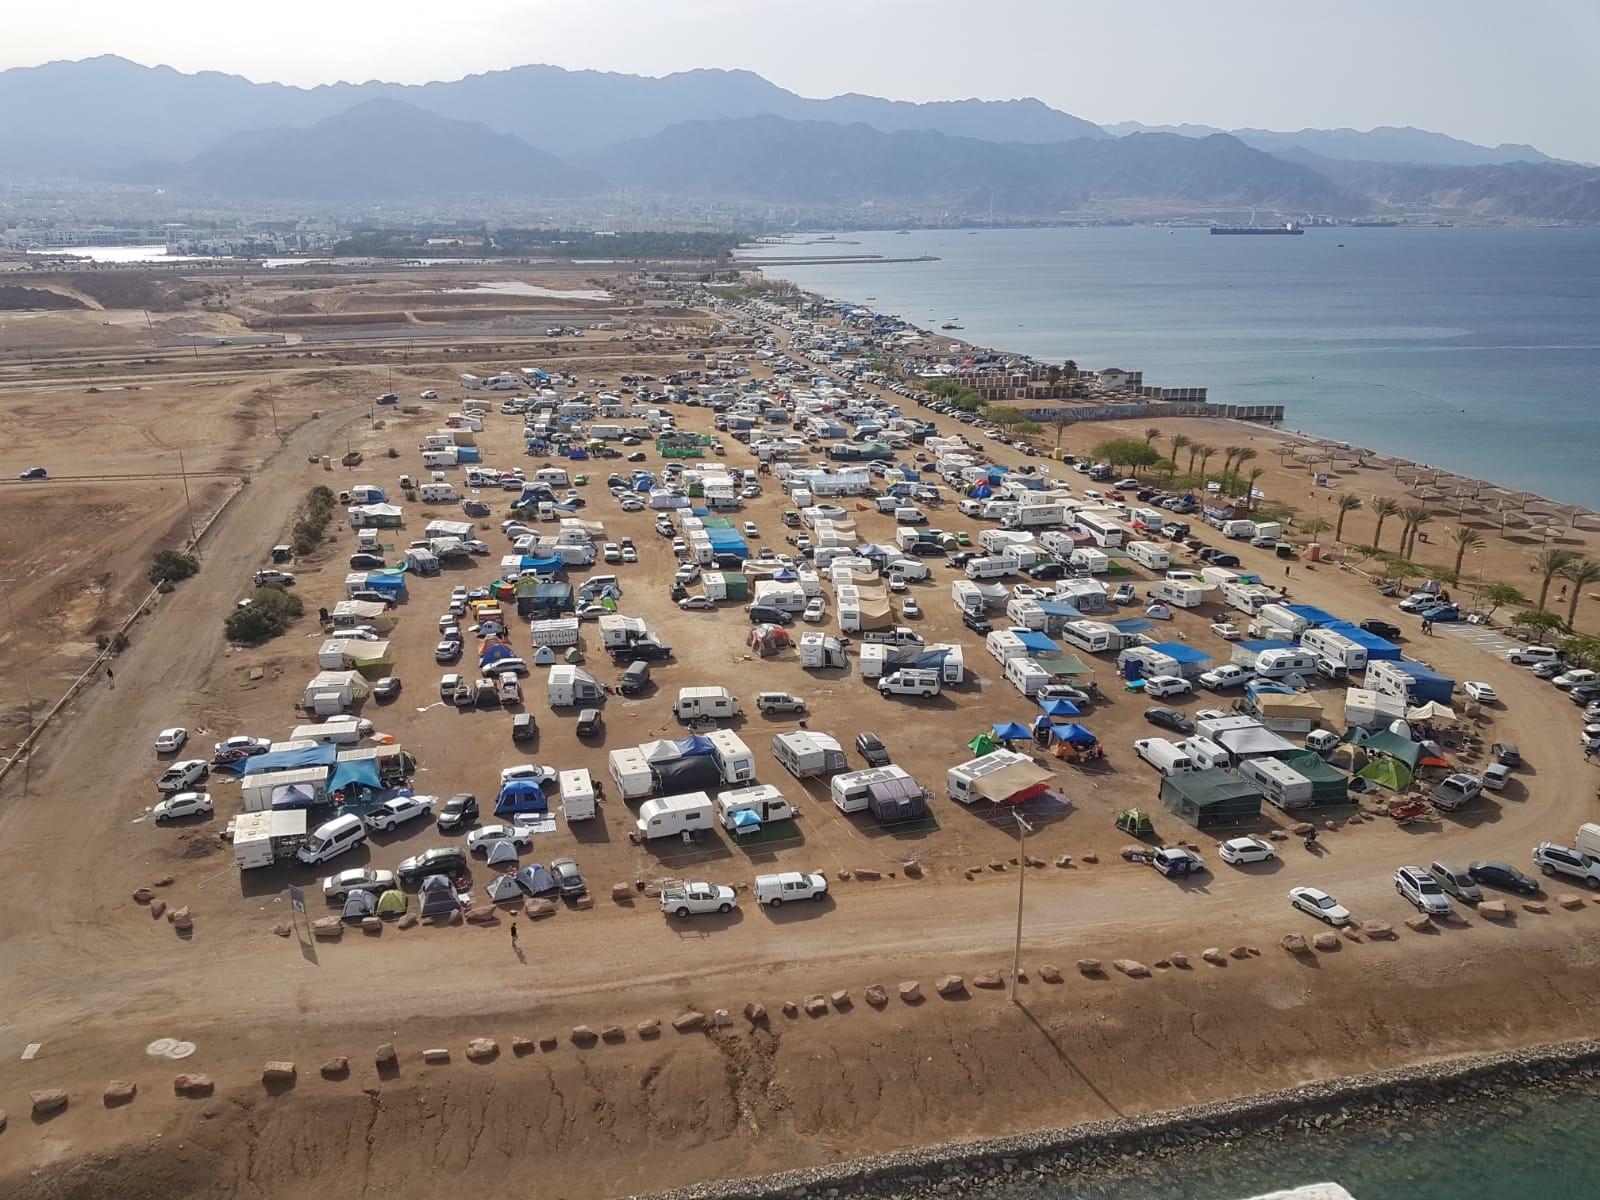 עיריית אילת מזהירה: אסורה לינה בשטחים פתוחים ועל חוף הים